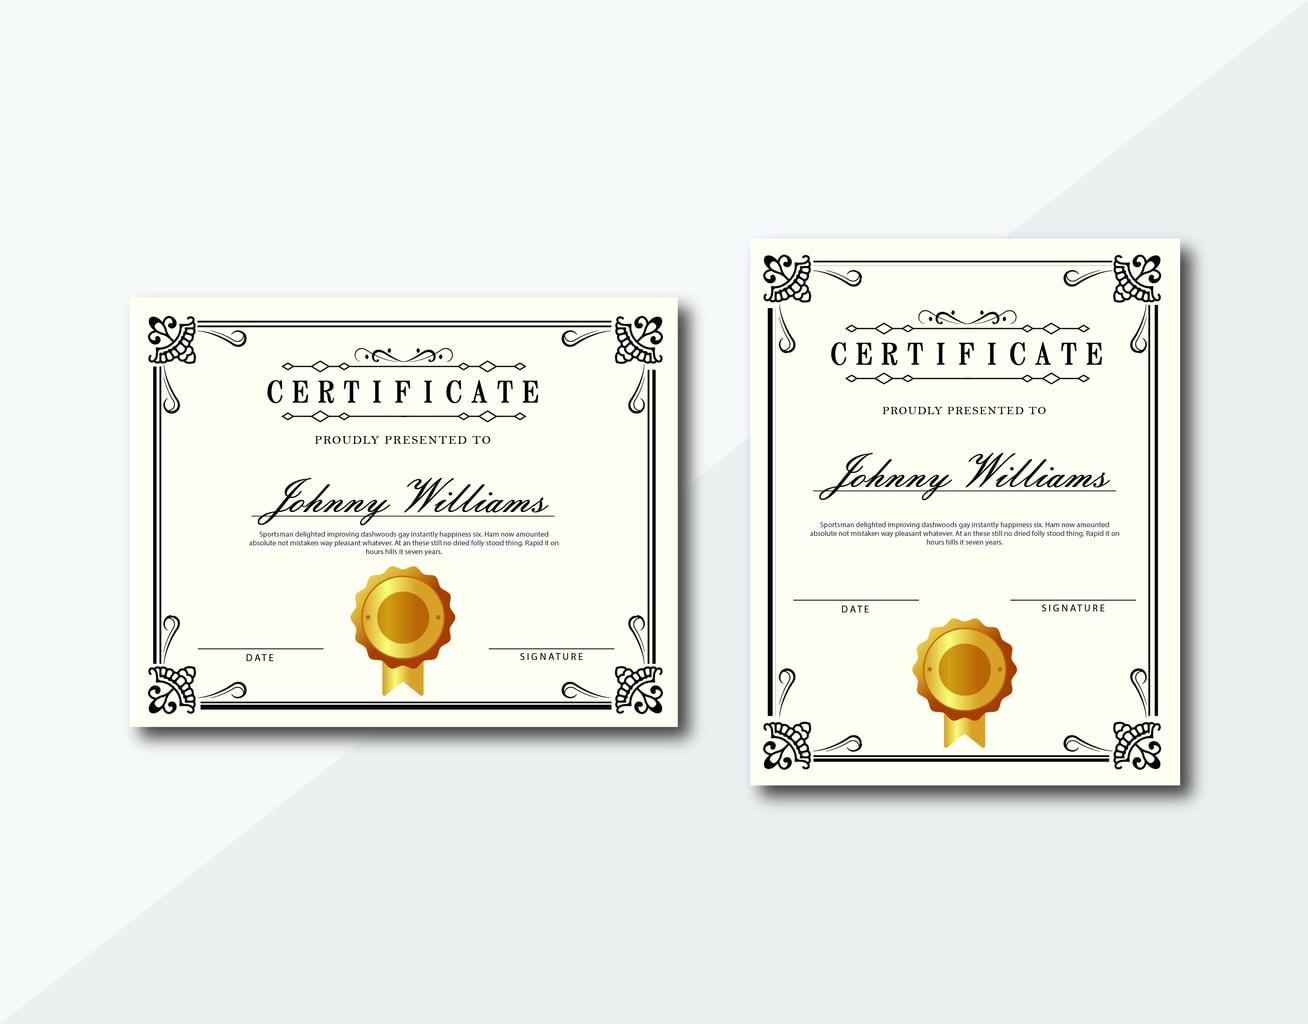 certificate classic motive